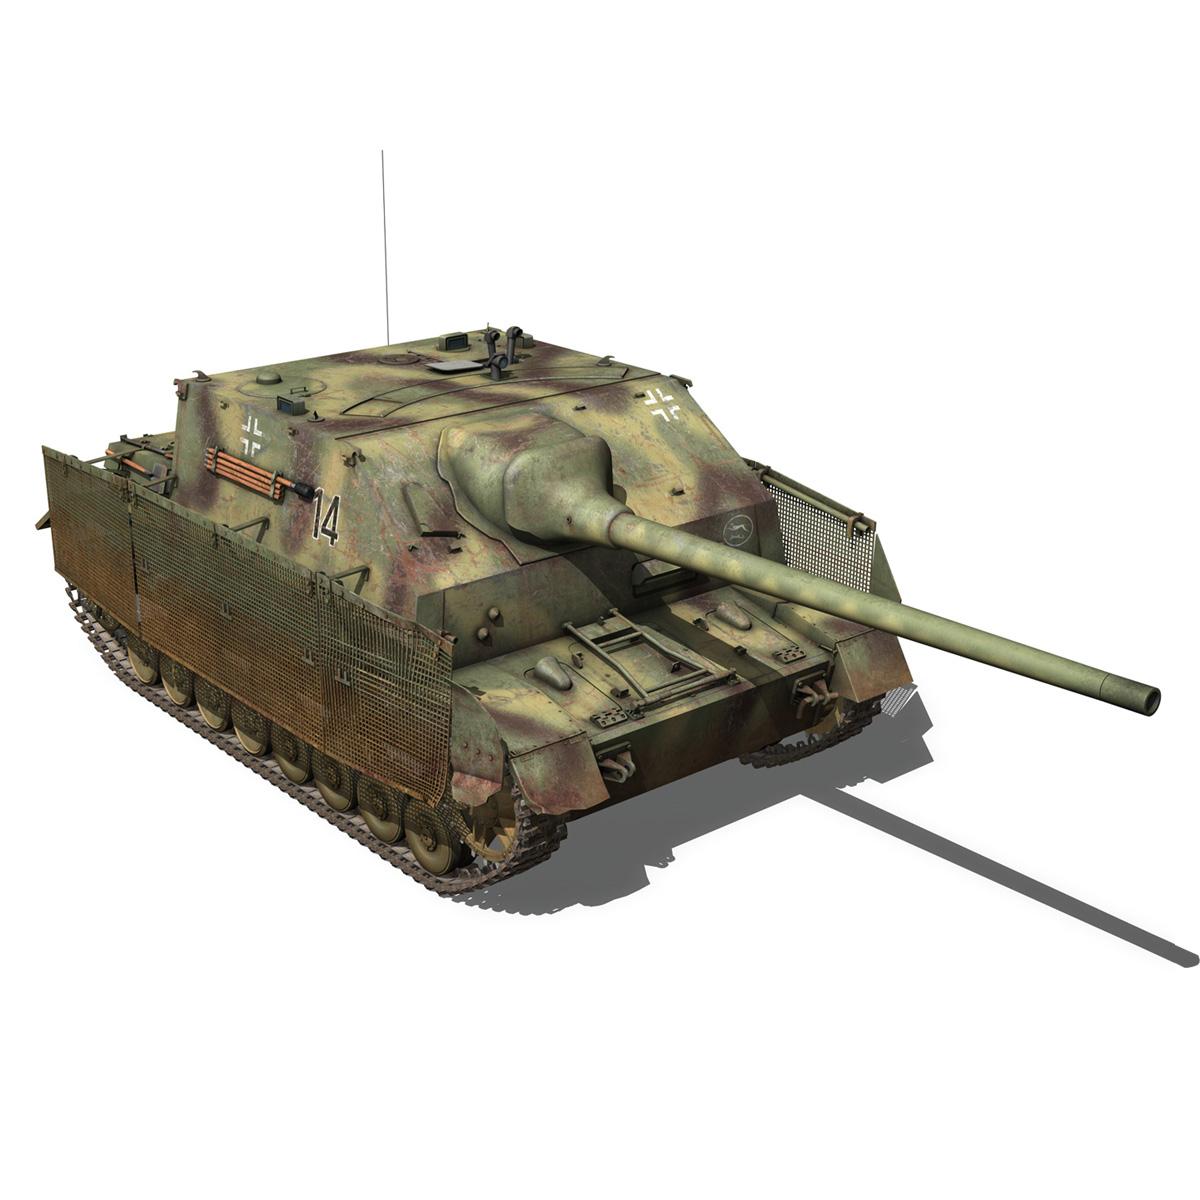 jagdpanzer iv l/70 (a) – 14 3d model 3ds fbx c4d lwo obj 282334